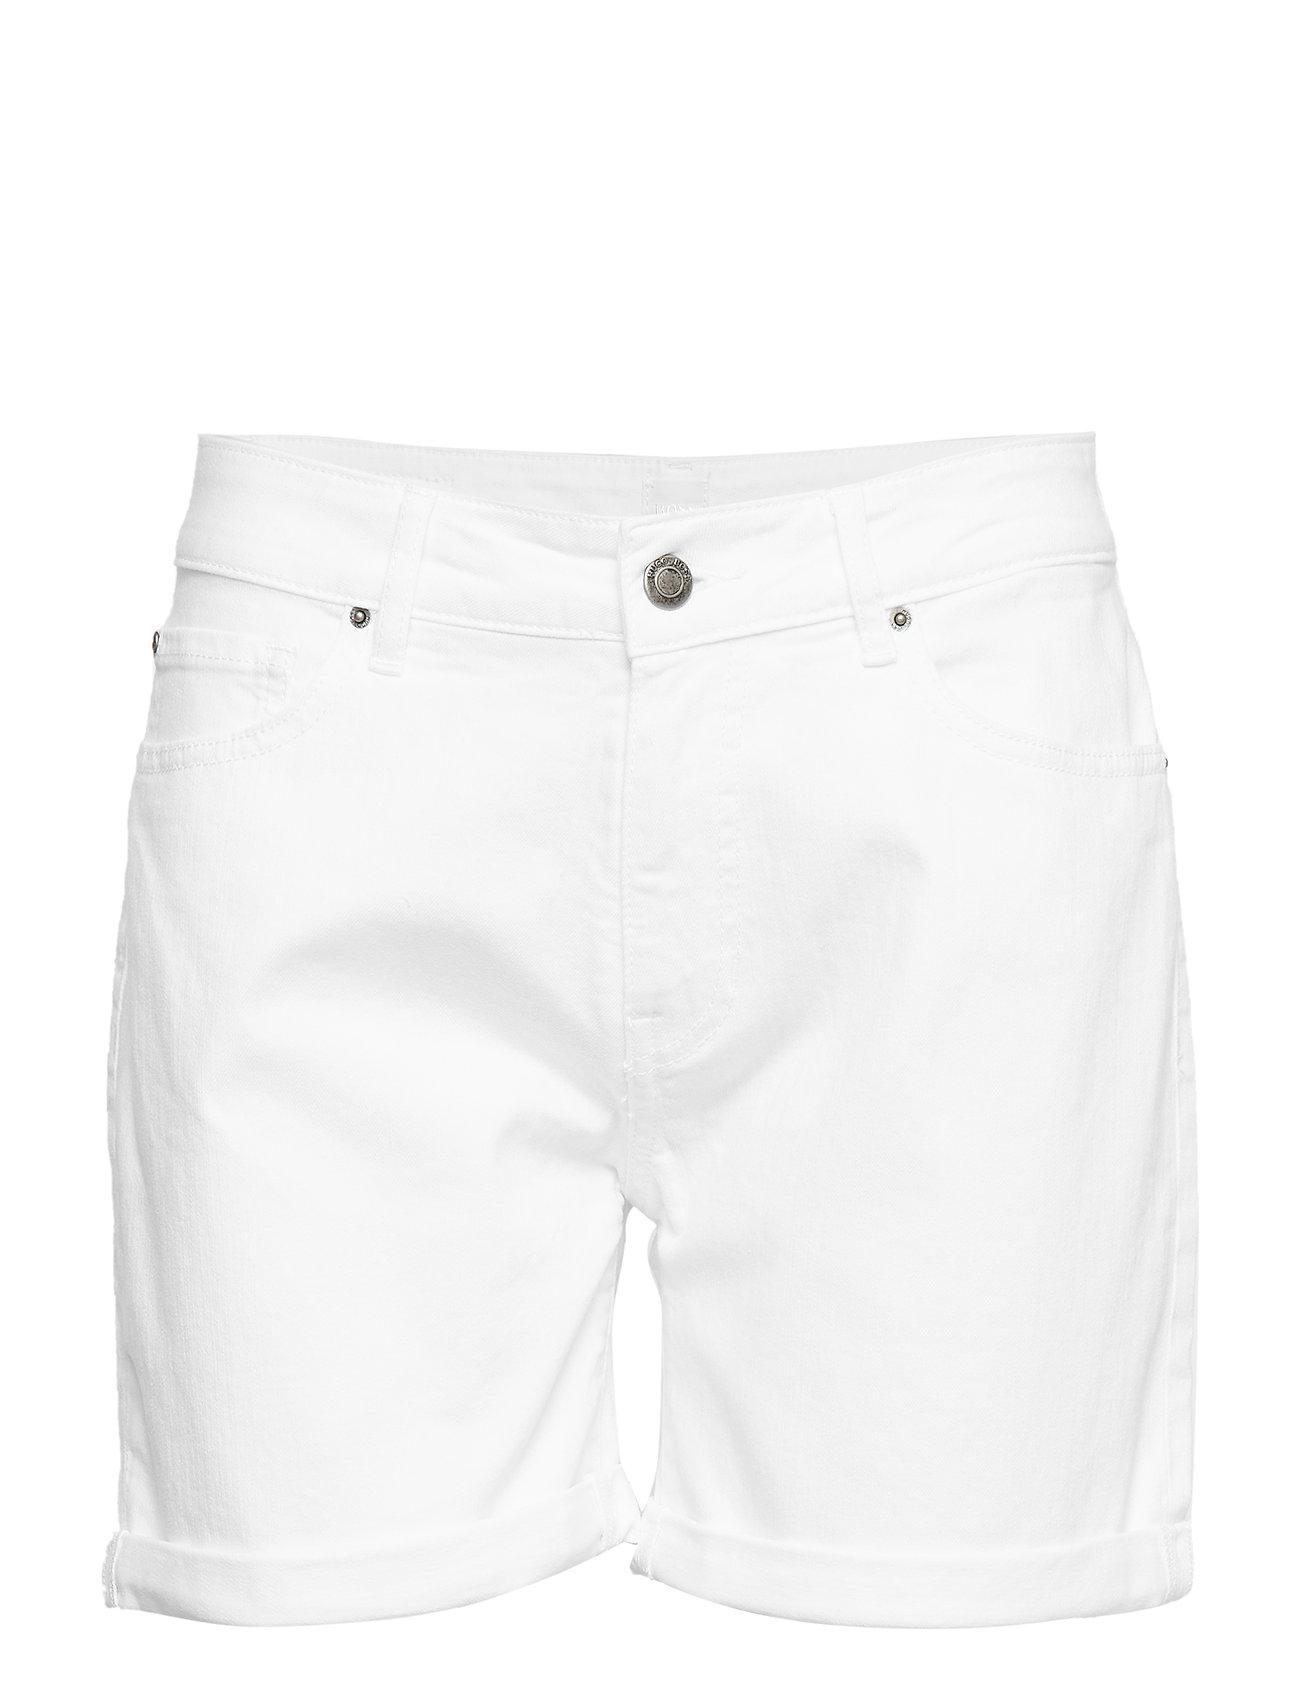 Boss Casual Wear J70 Hayfield - WHITE